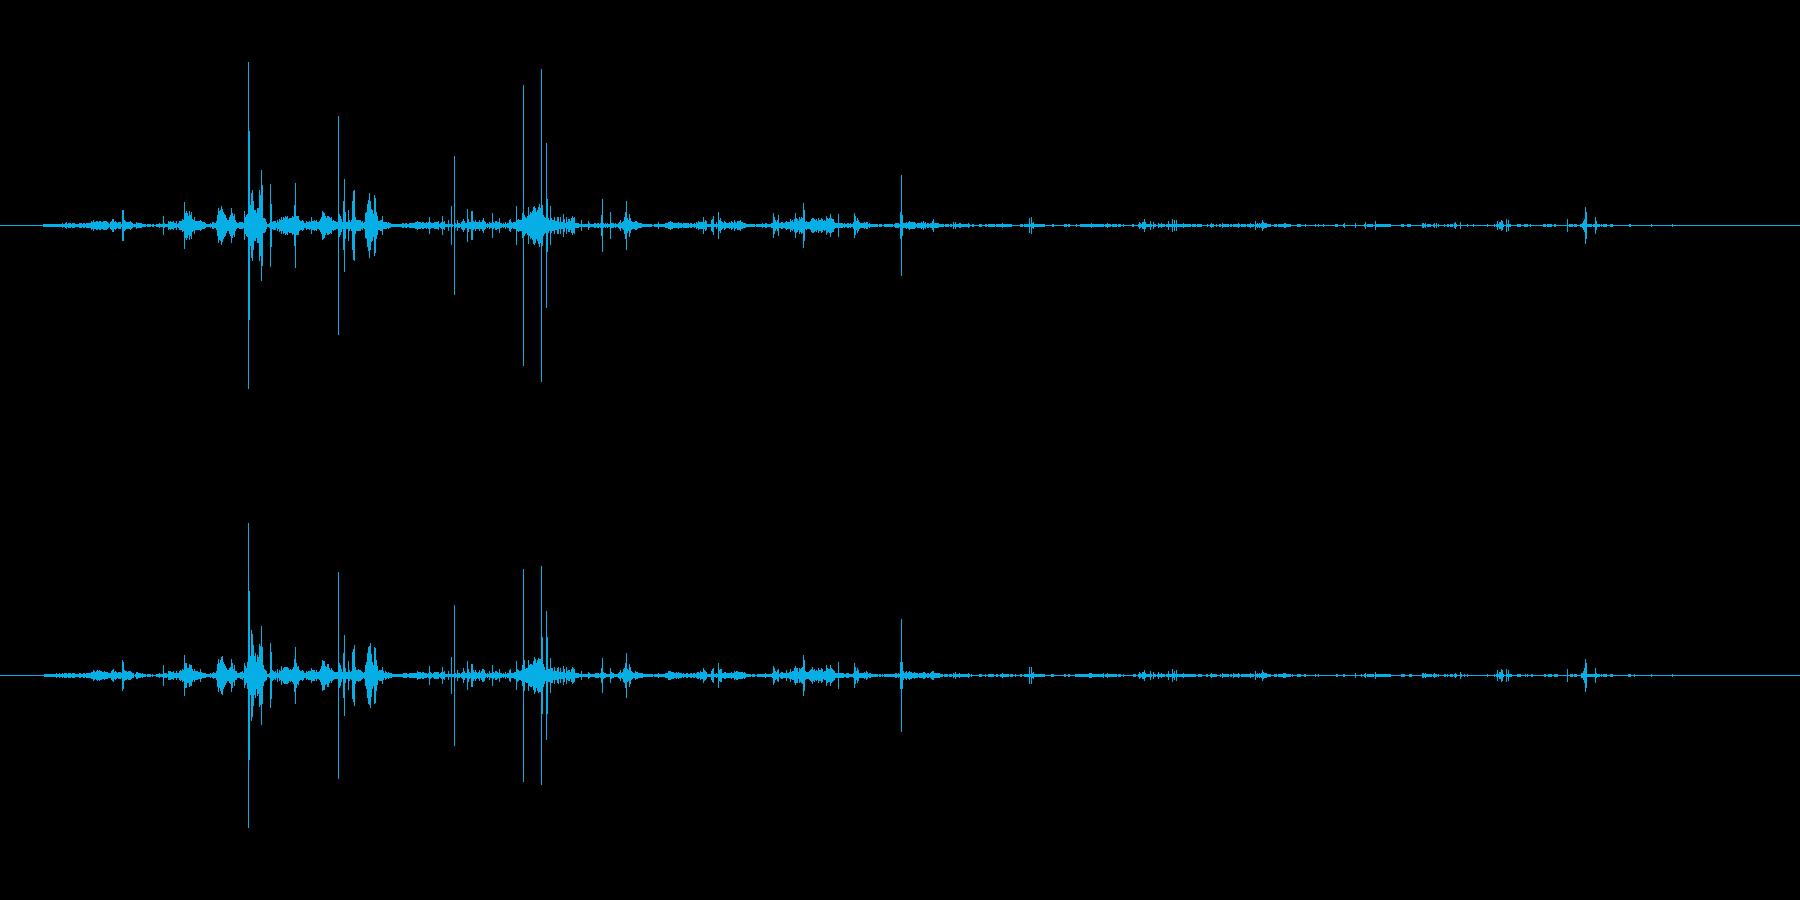 紙 メモ帳シートくしゃくしゃ03の再生済みの波形